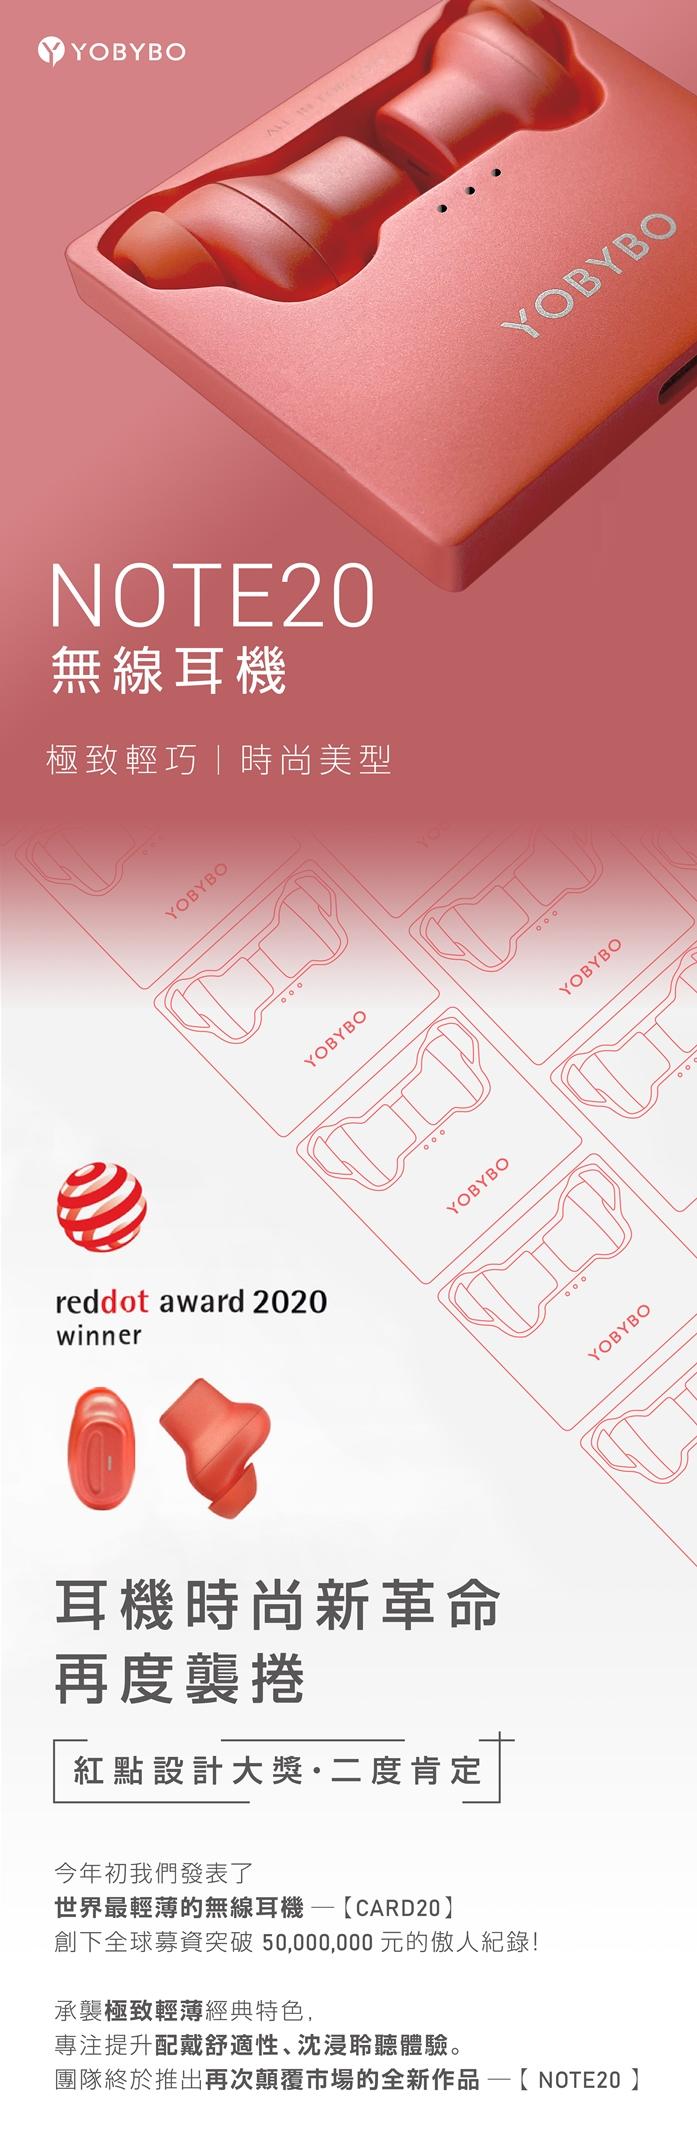 YOBYBO|NOTE20 無線耳機 - Red